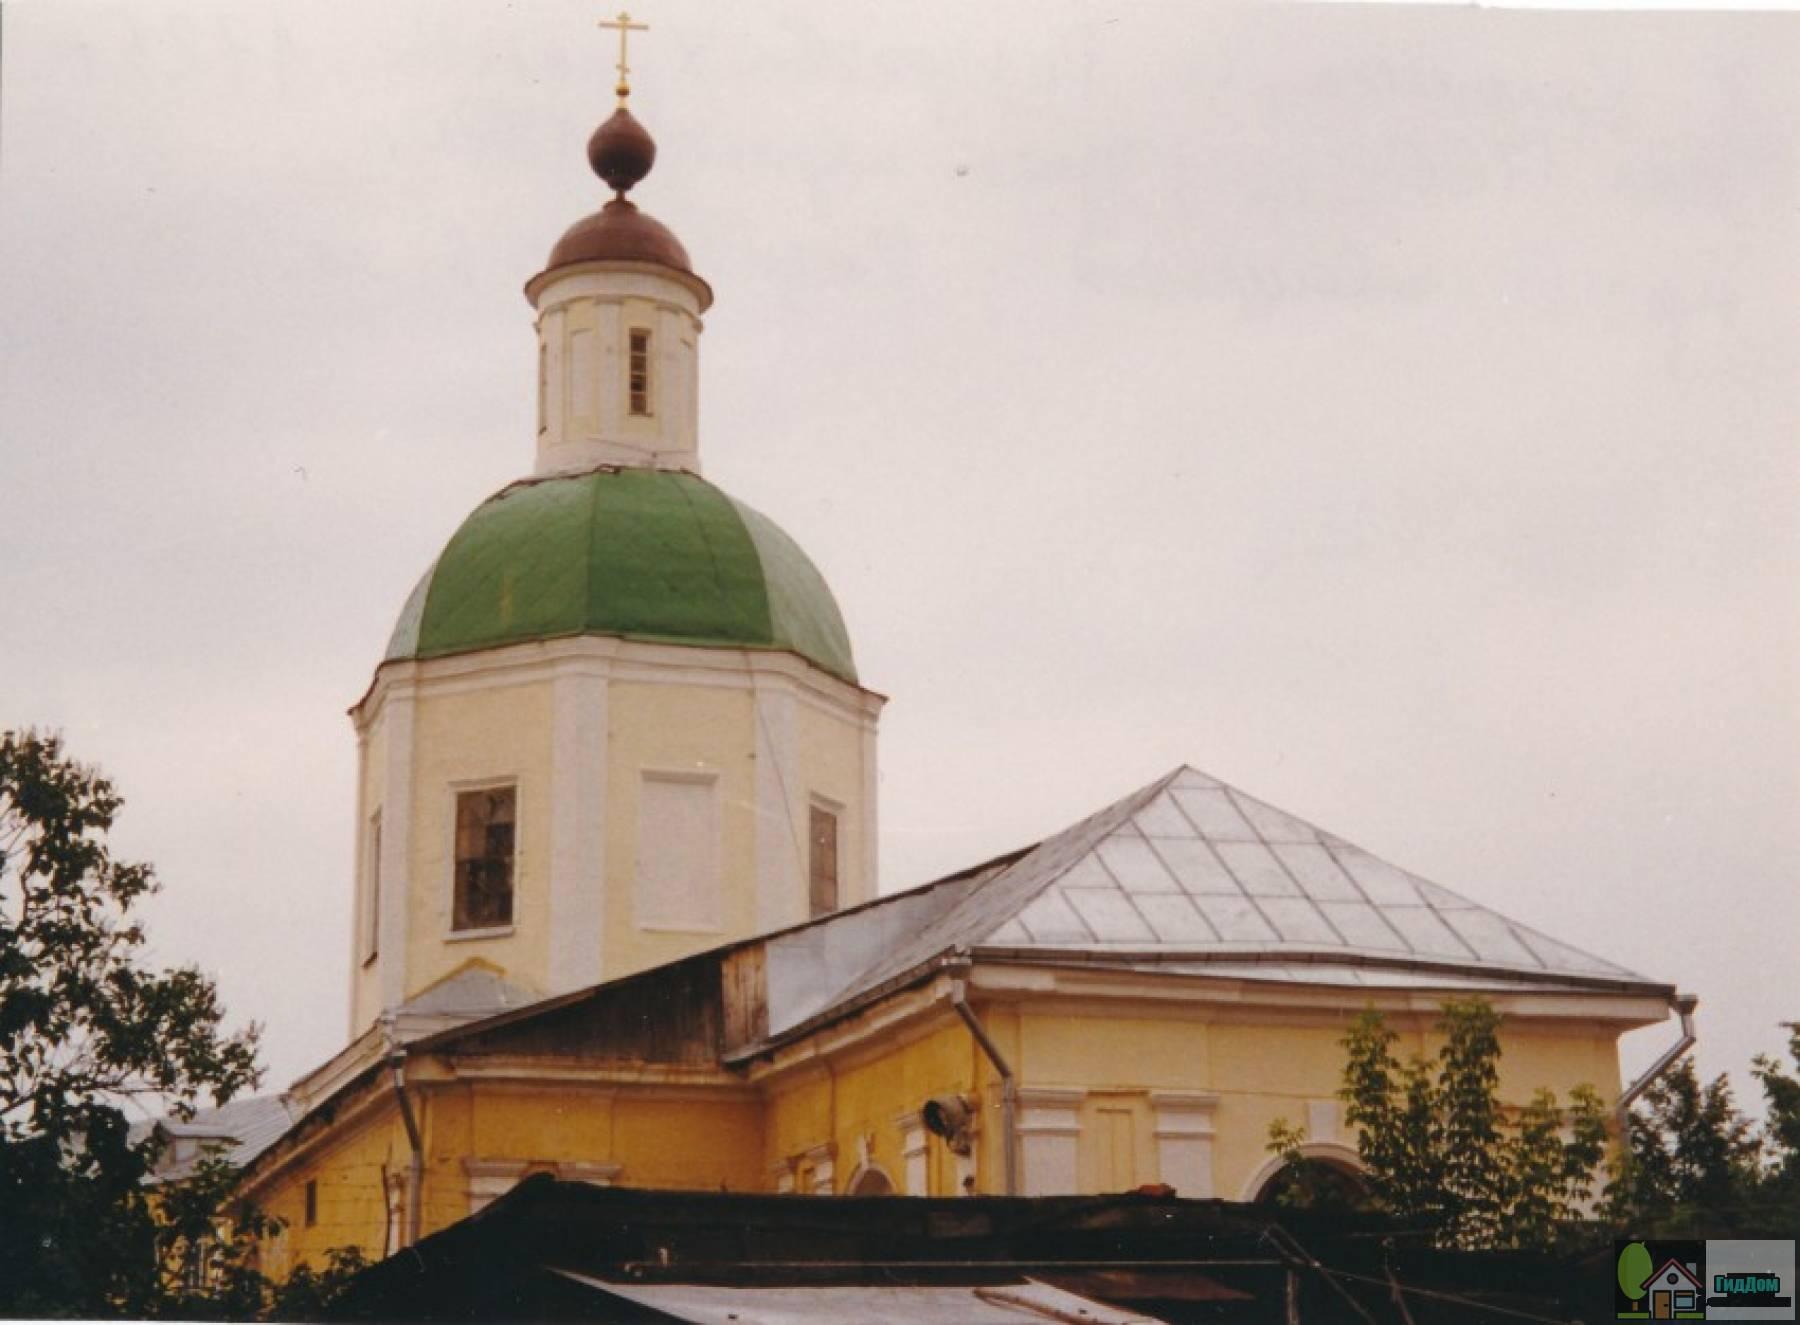 Церковь Рождества Христова Файл загружен из открытых источников.